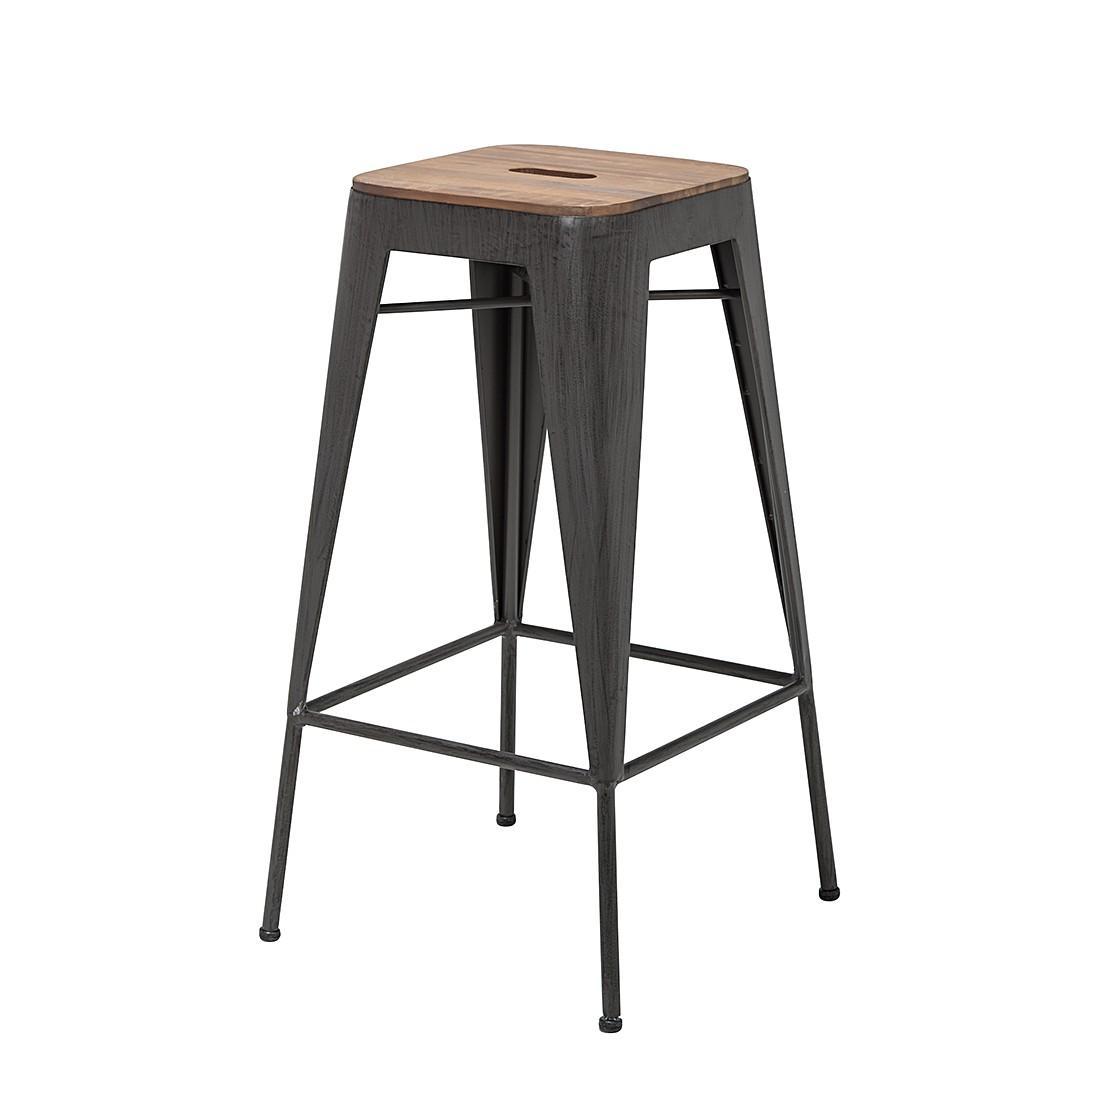 barhocker manchester 2er set akazie massiv metall ebay. Black Bedroom Furniture Sets. Home Design Ideas